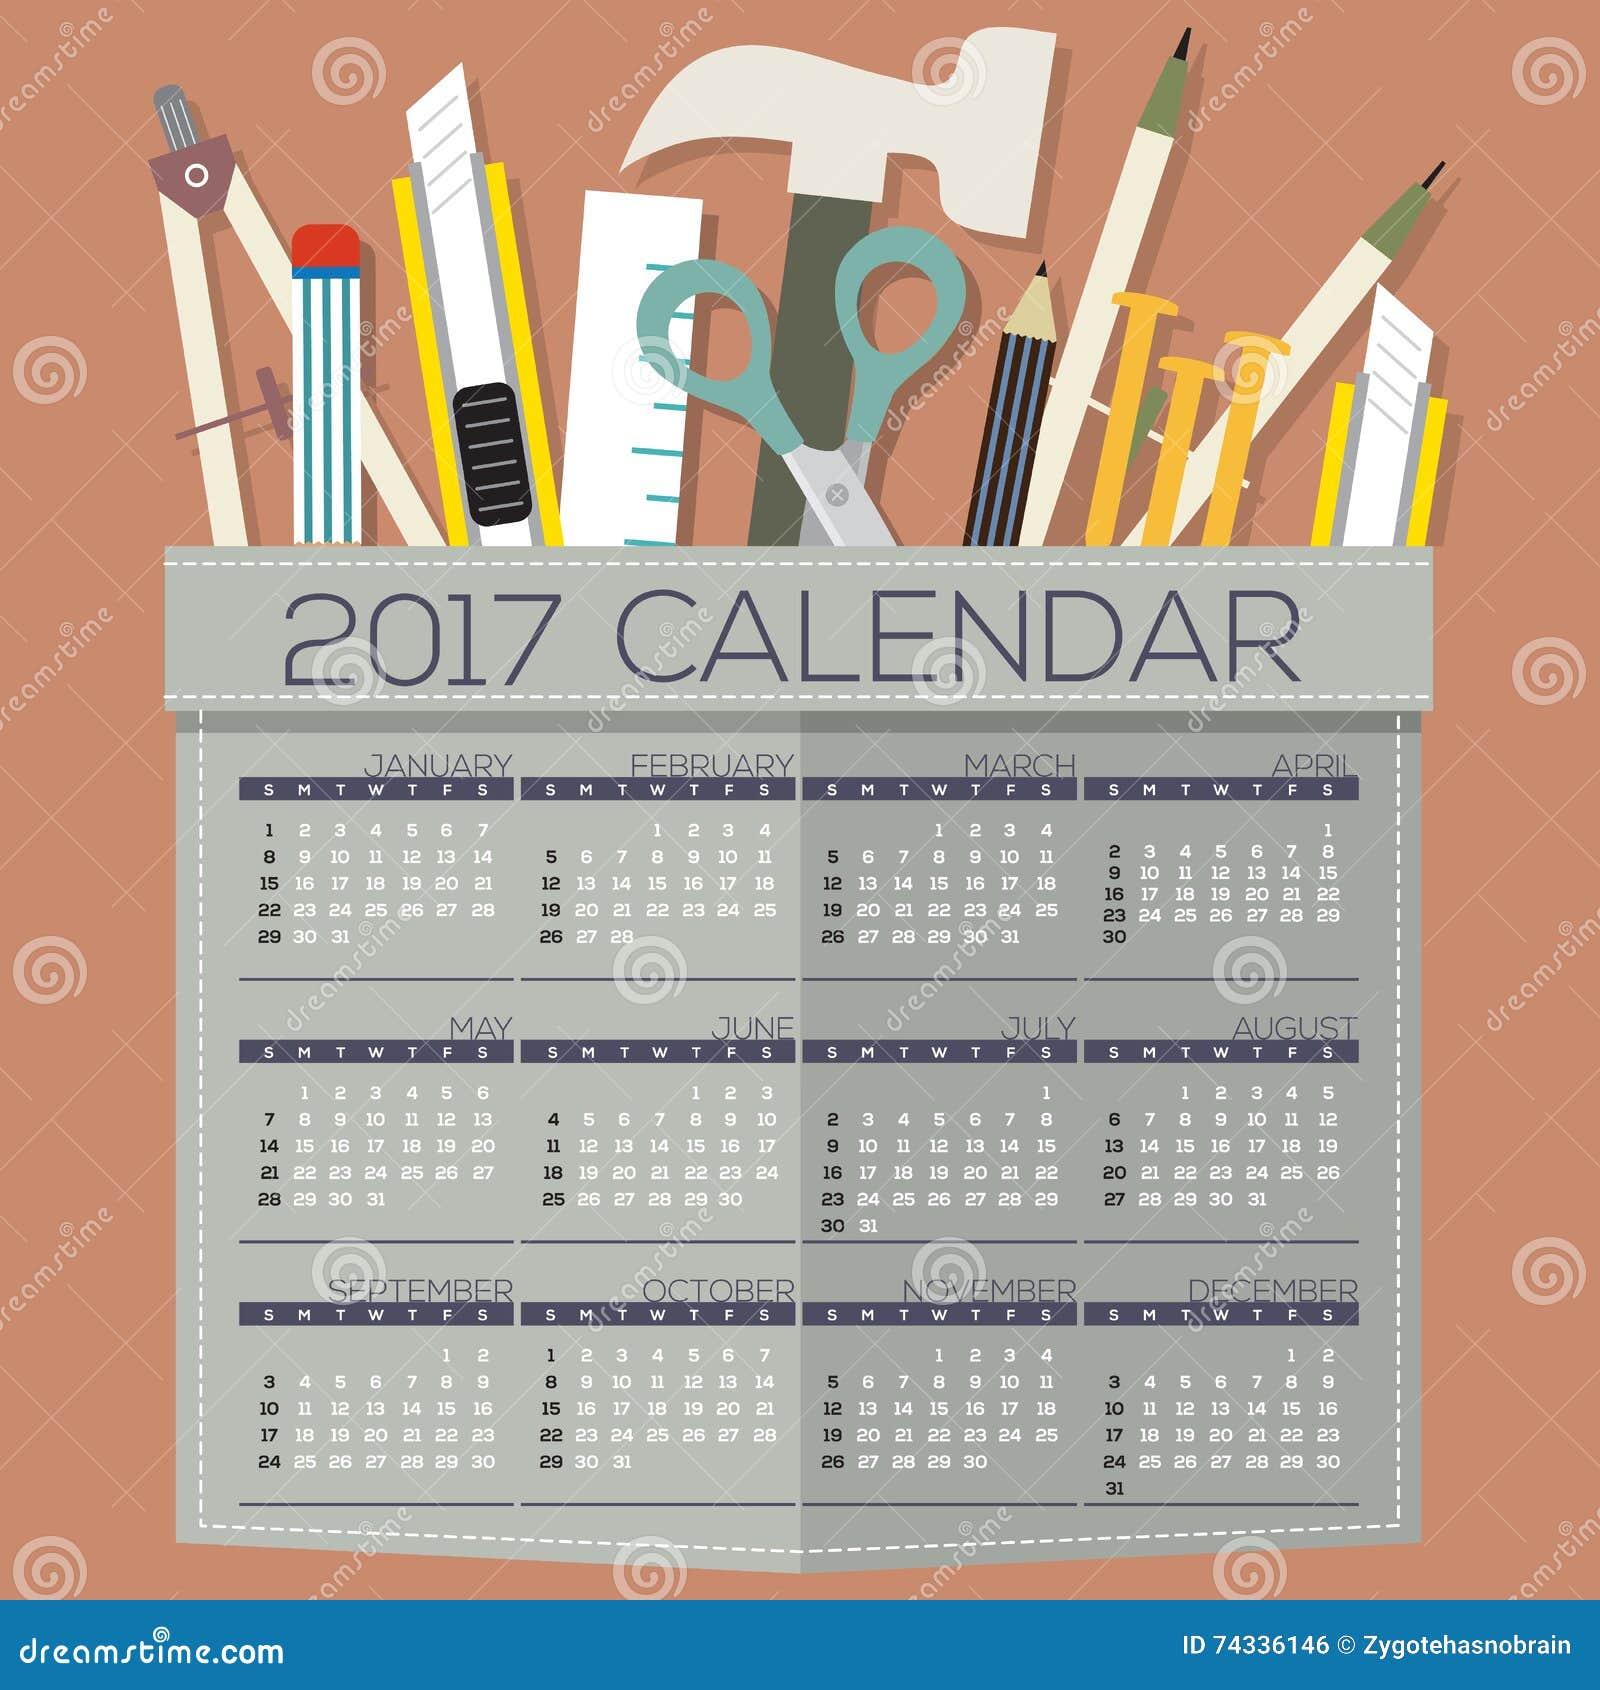 Calendar Design Diy : Printable calendar months starts sunday diy of handcraft s